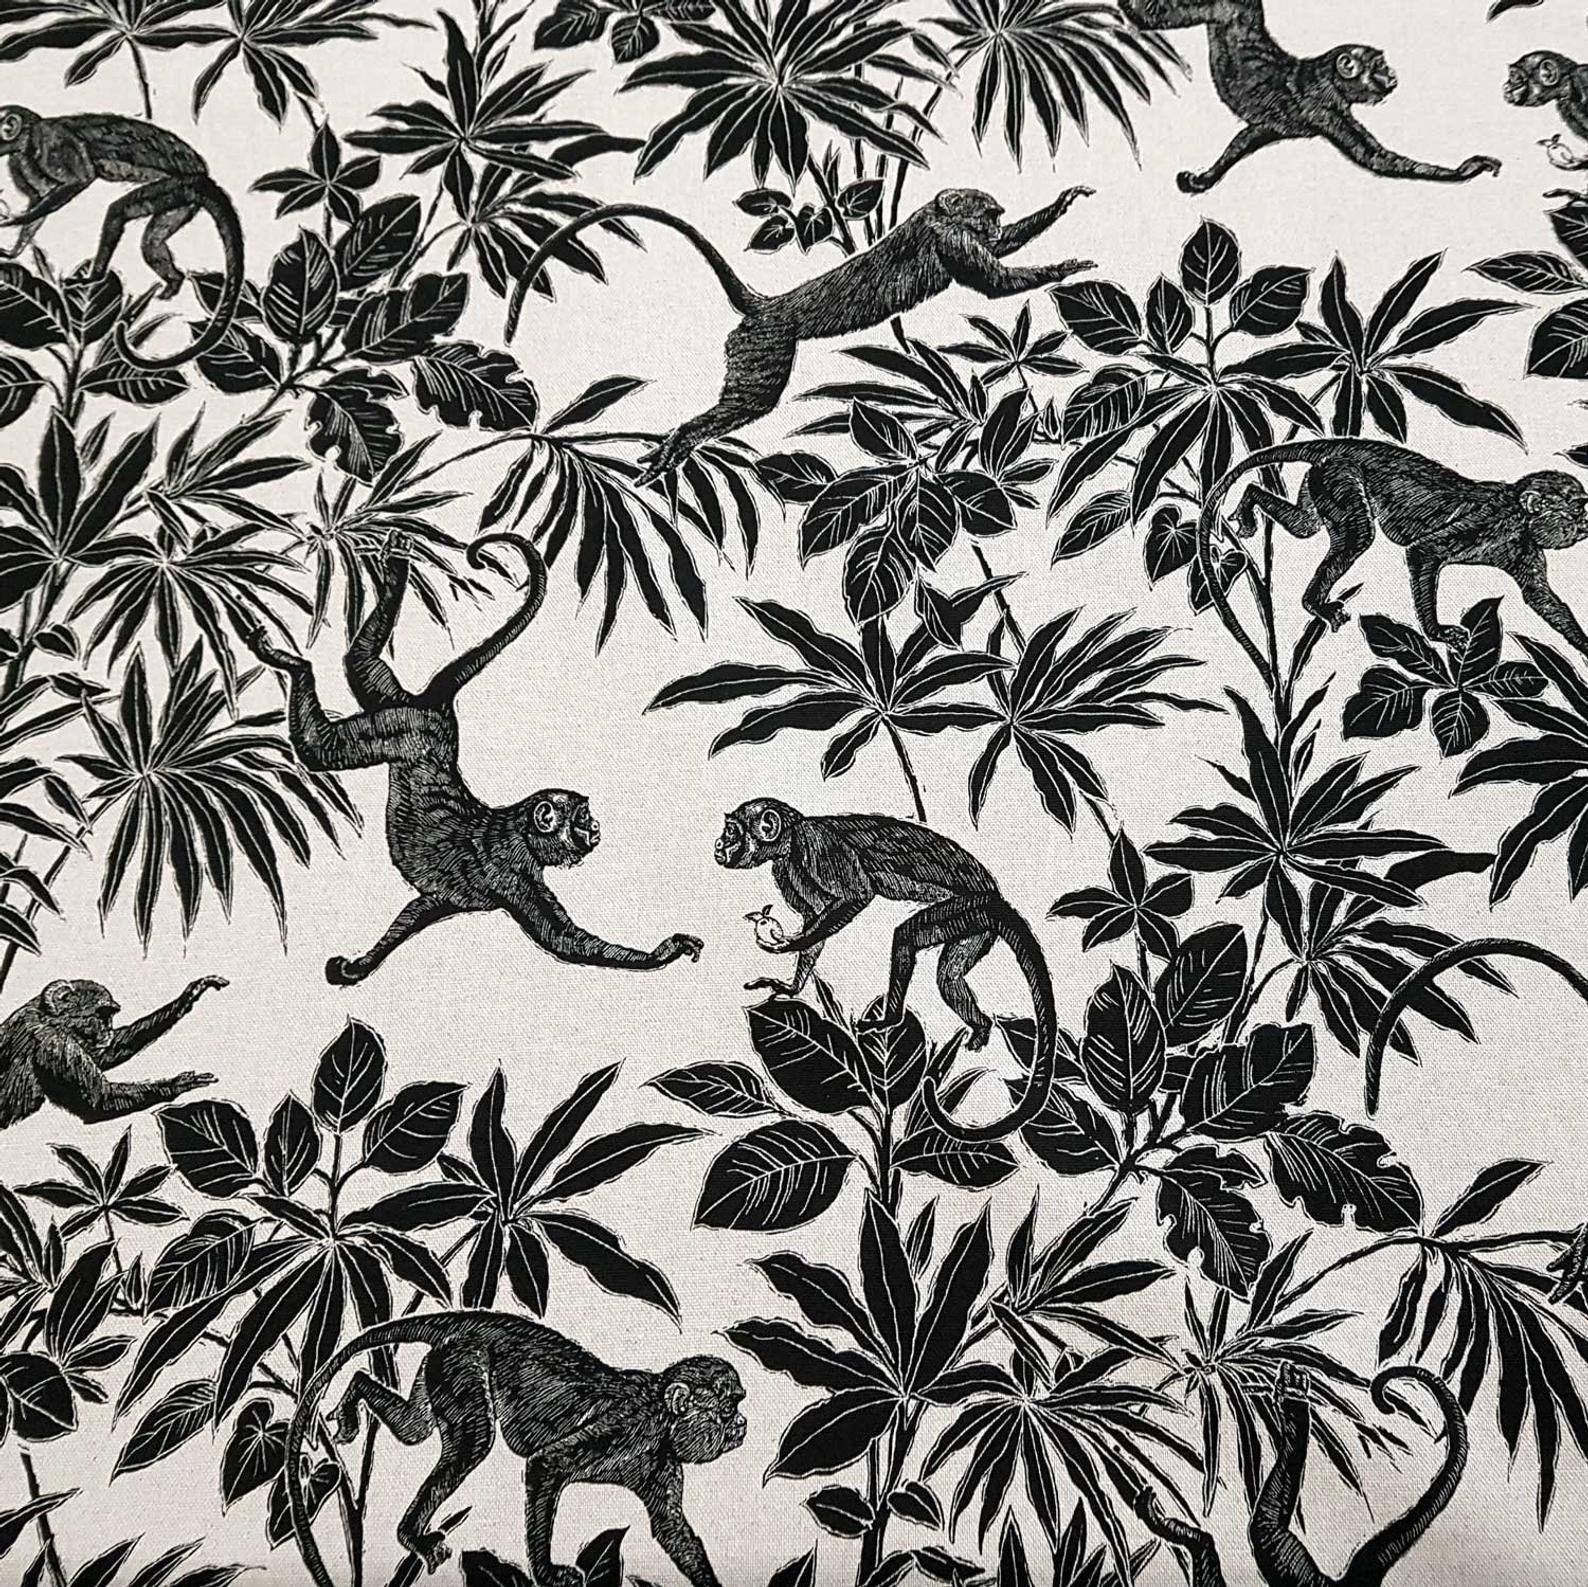 Stoff Baumwolle Meterware Natur Schwarz Affen Dschungel Dekostoff